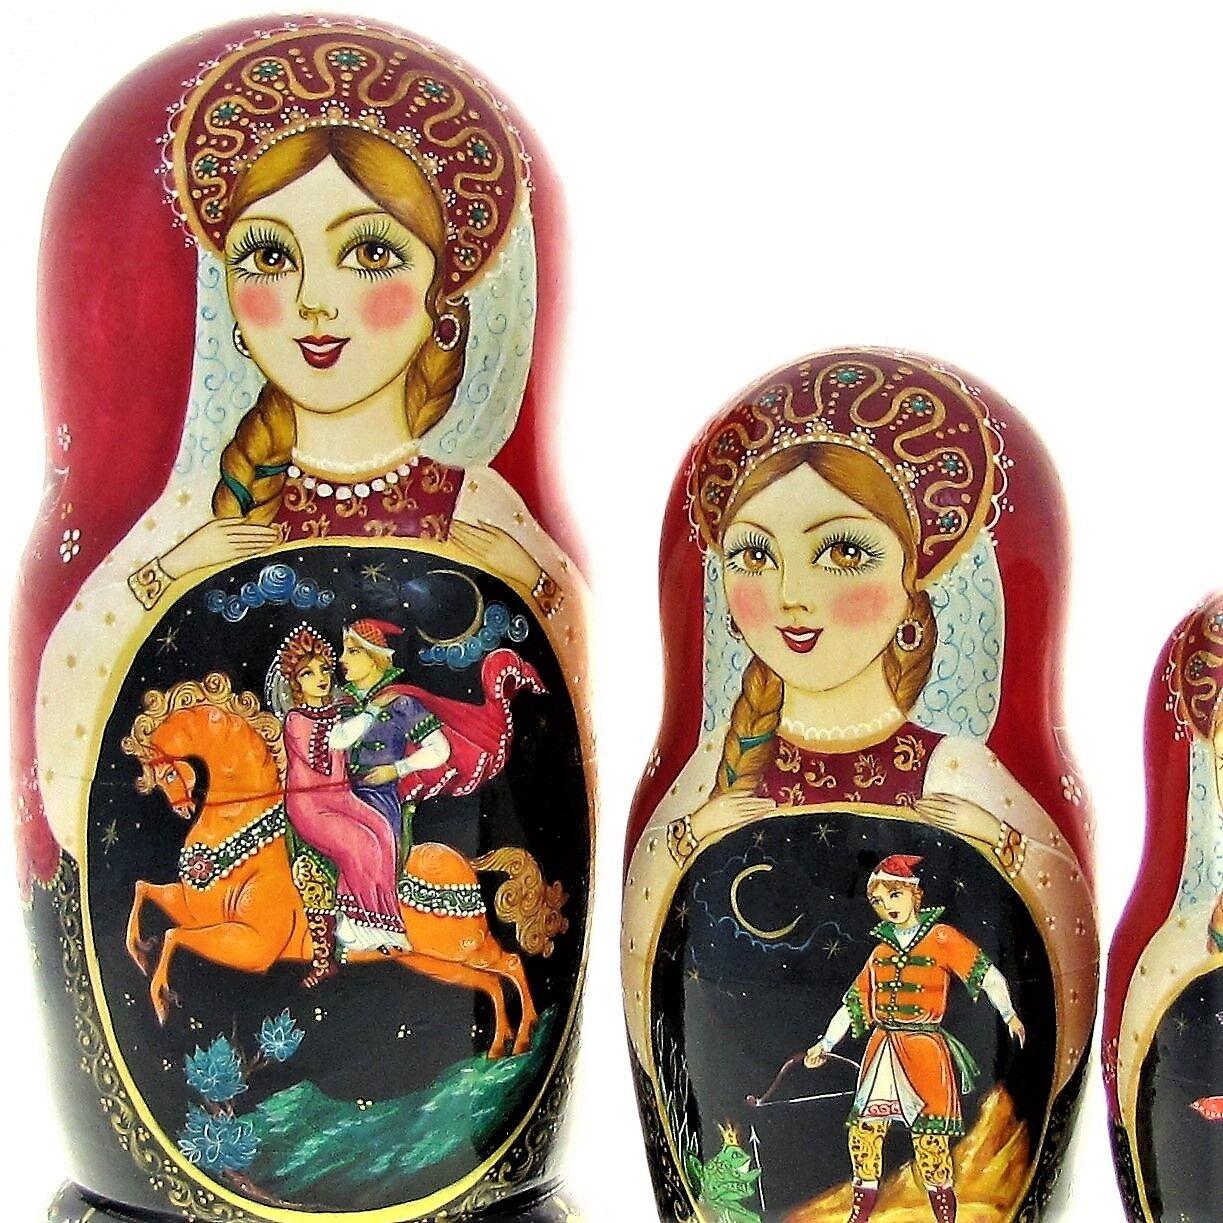 7 Poupées russes H22cm exclusive Palekh peint main signé Matriochka Nested Doll